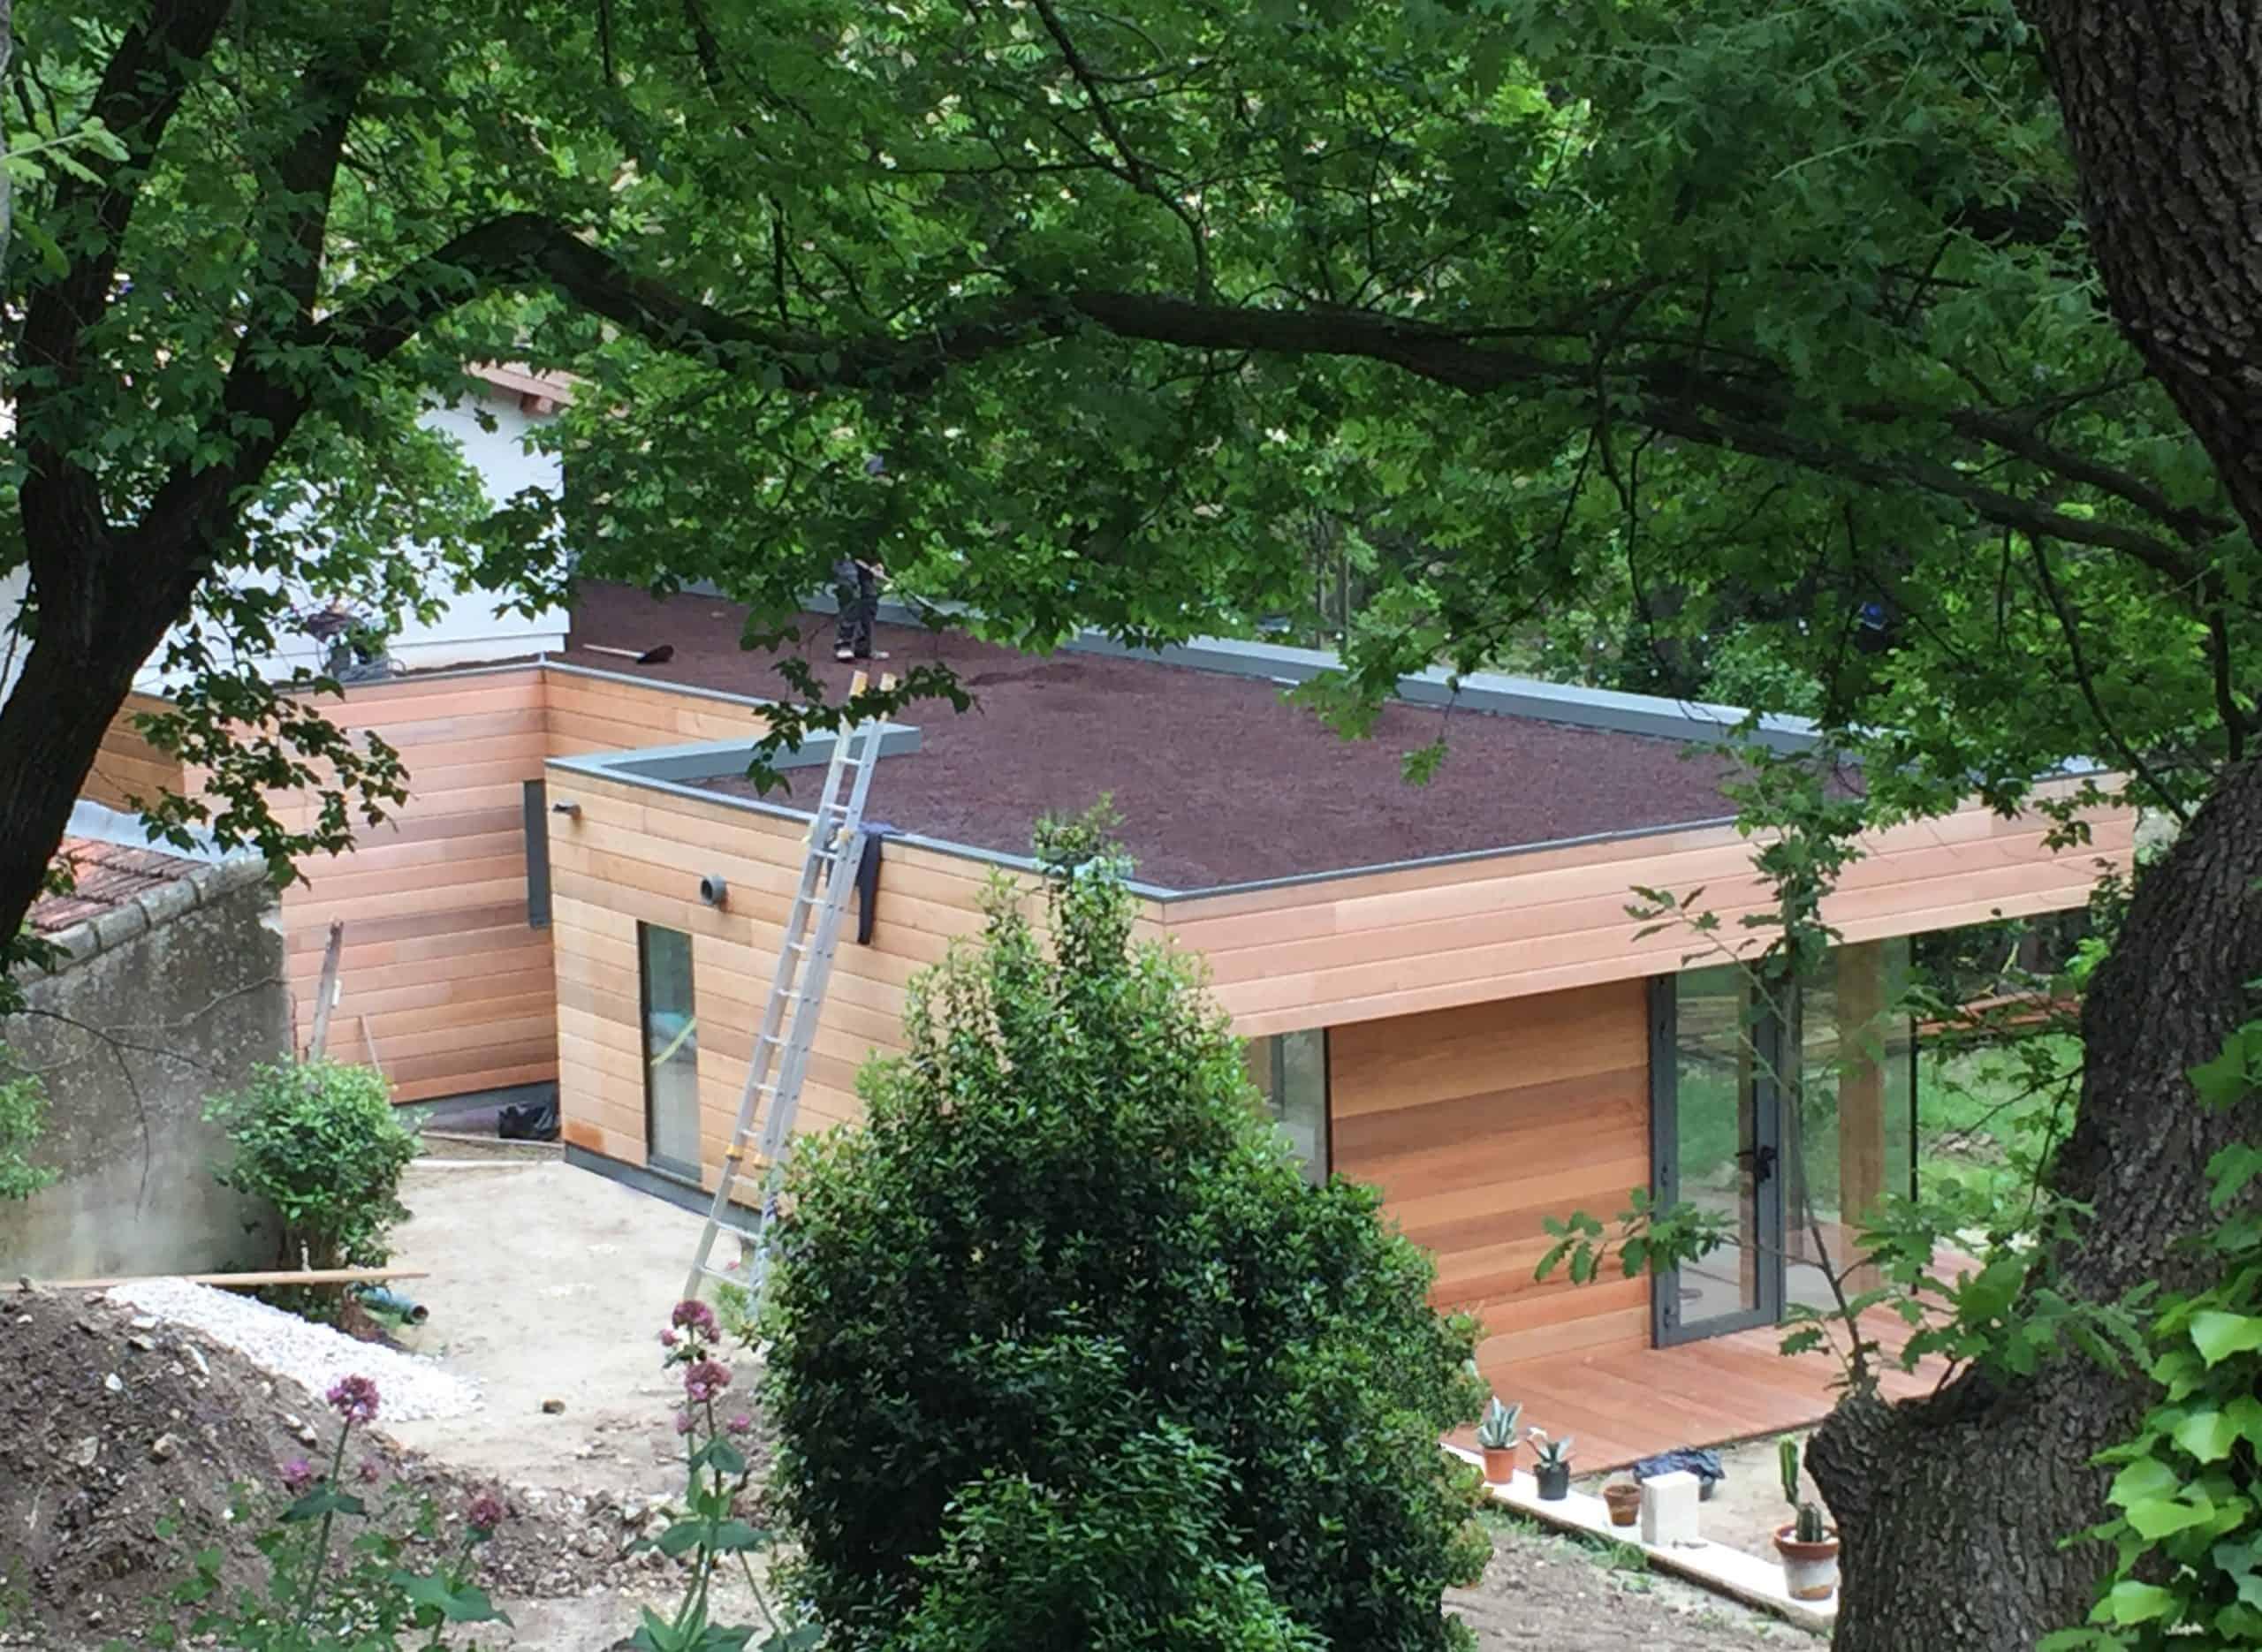 guillaume pepin architecte maison bois aix en provence batiment realisation_04